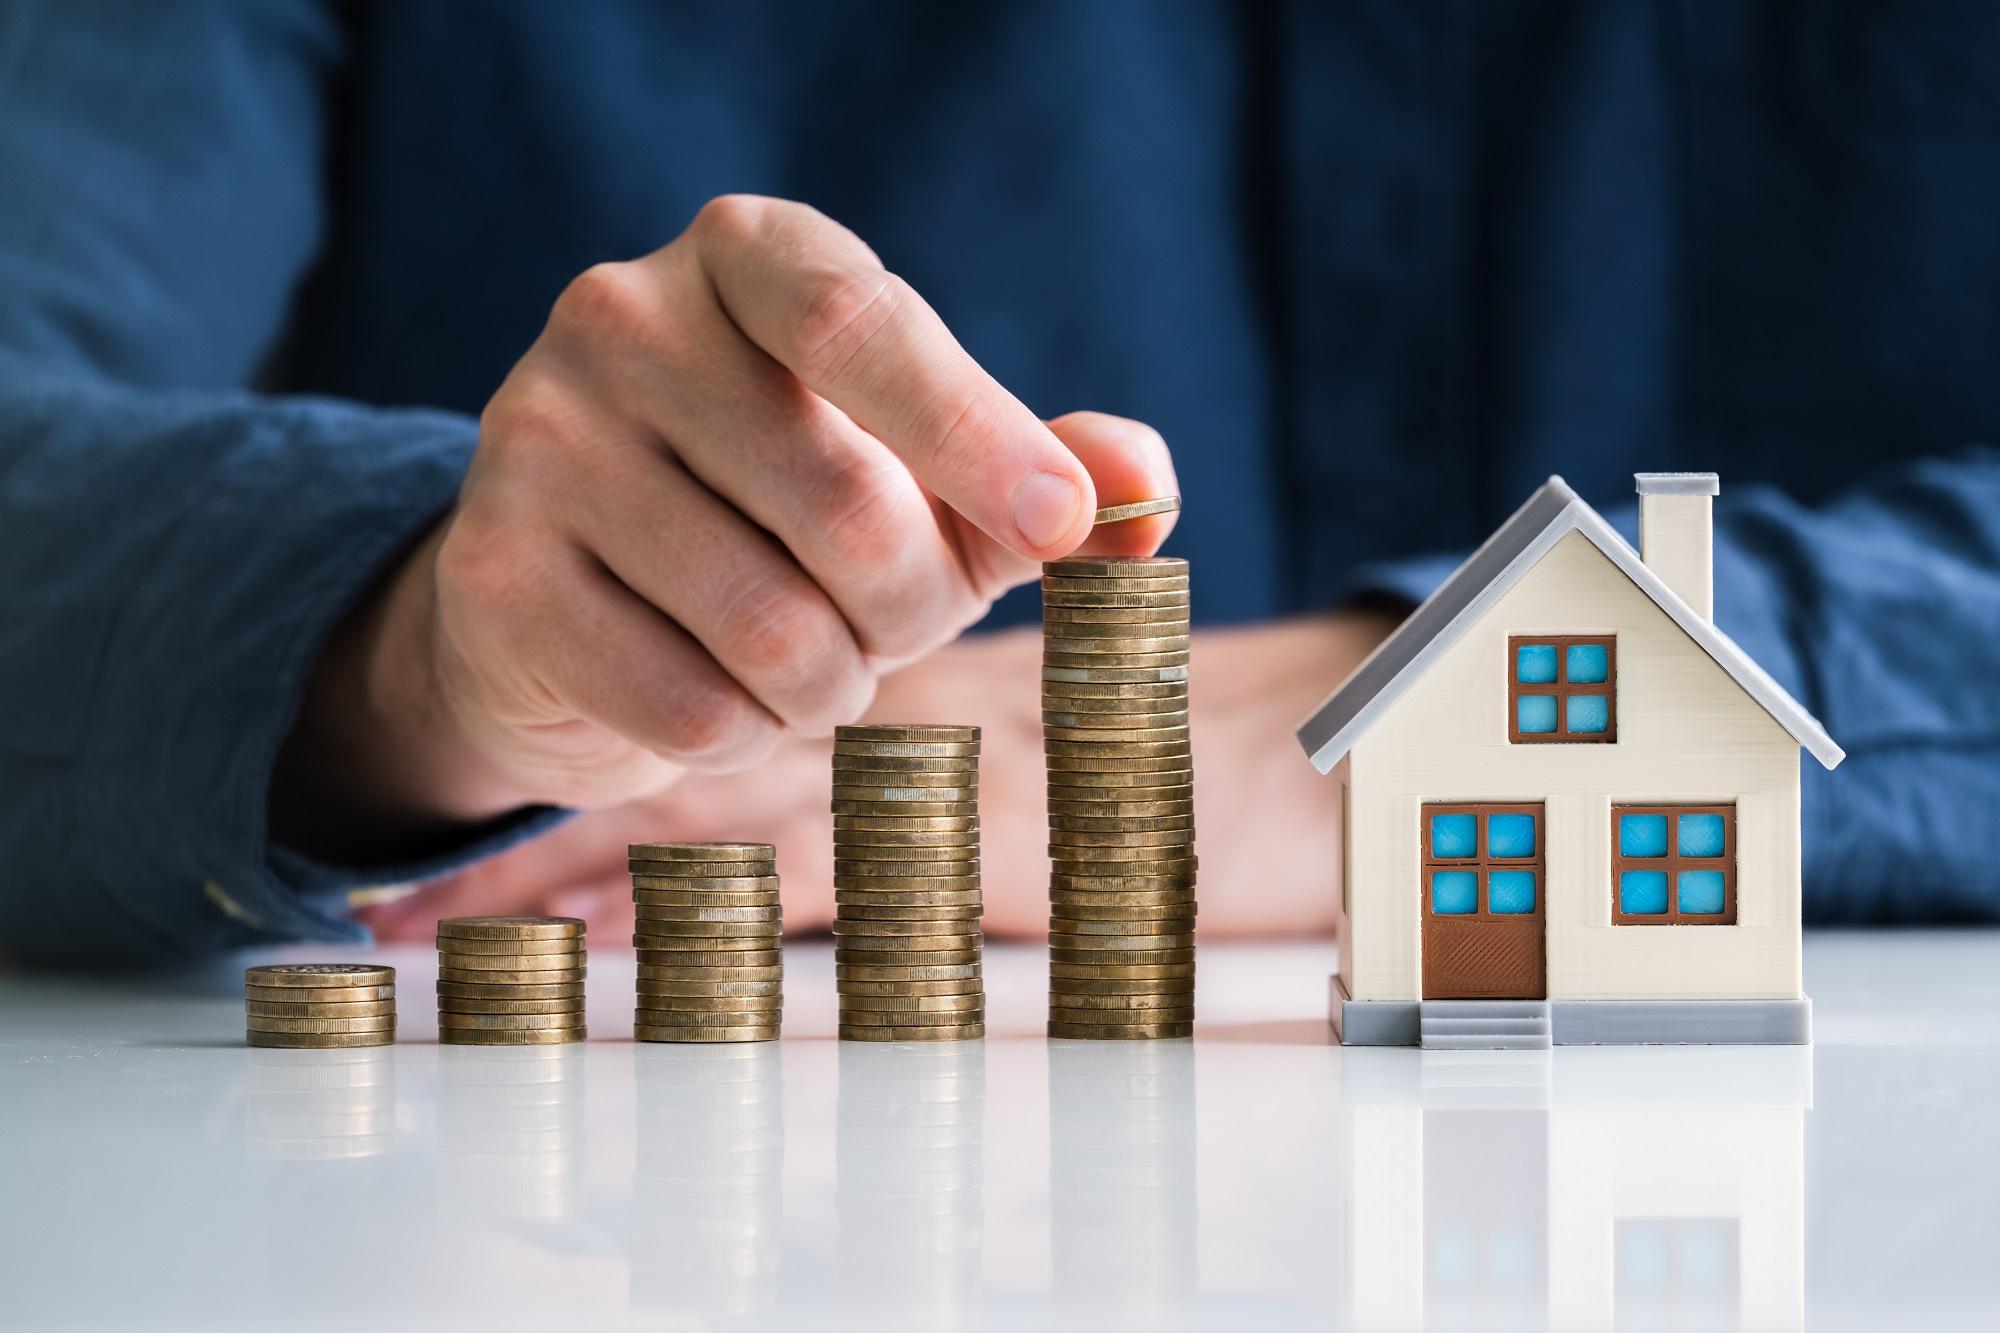 Cena bytů v Praze už převýšila 125 tisíc za metr. A zdražování pokračuje